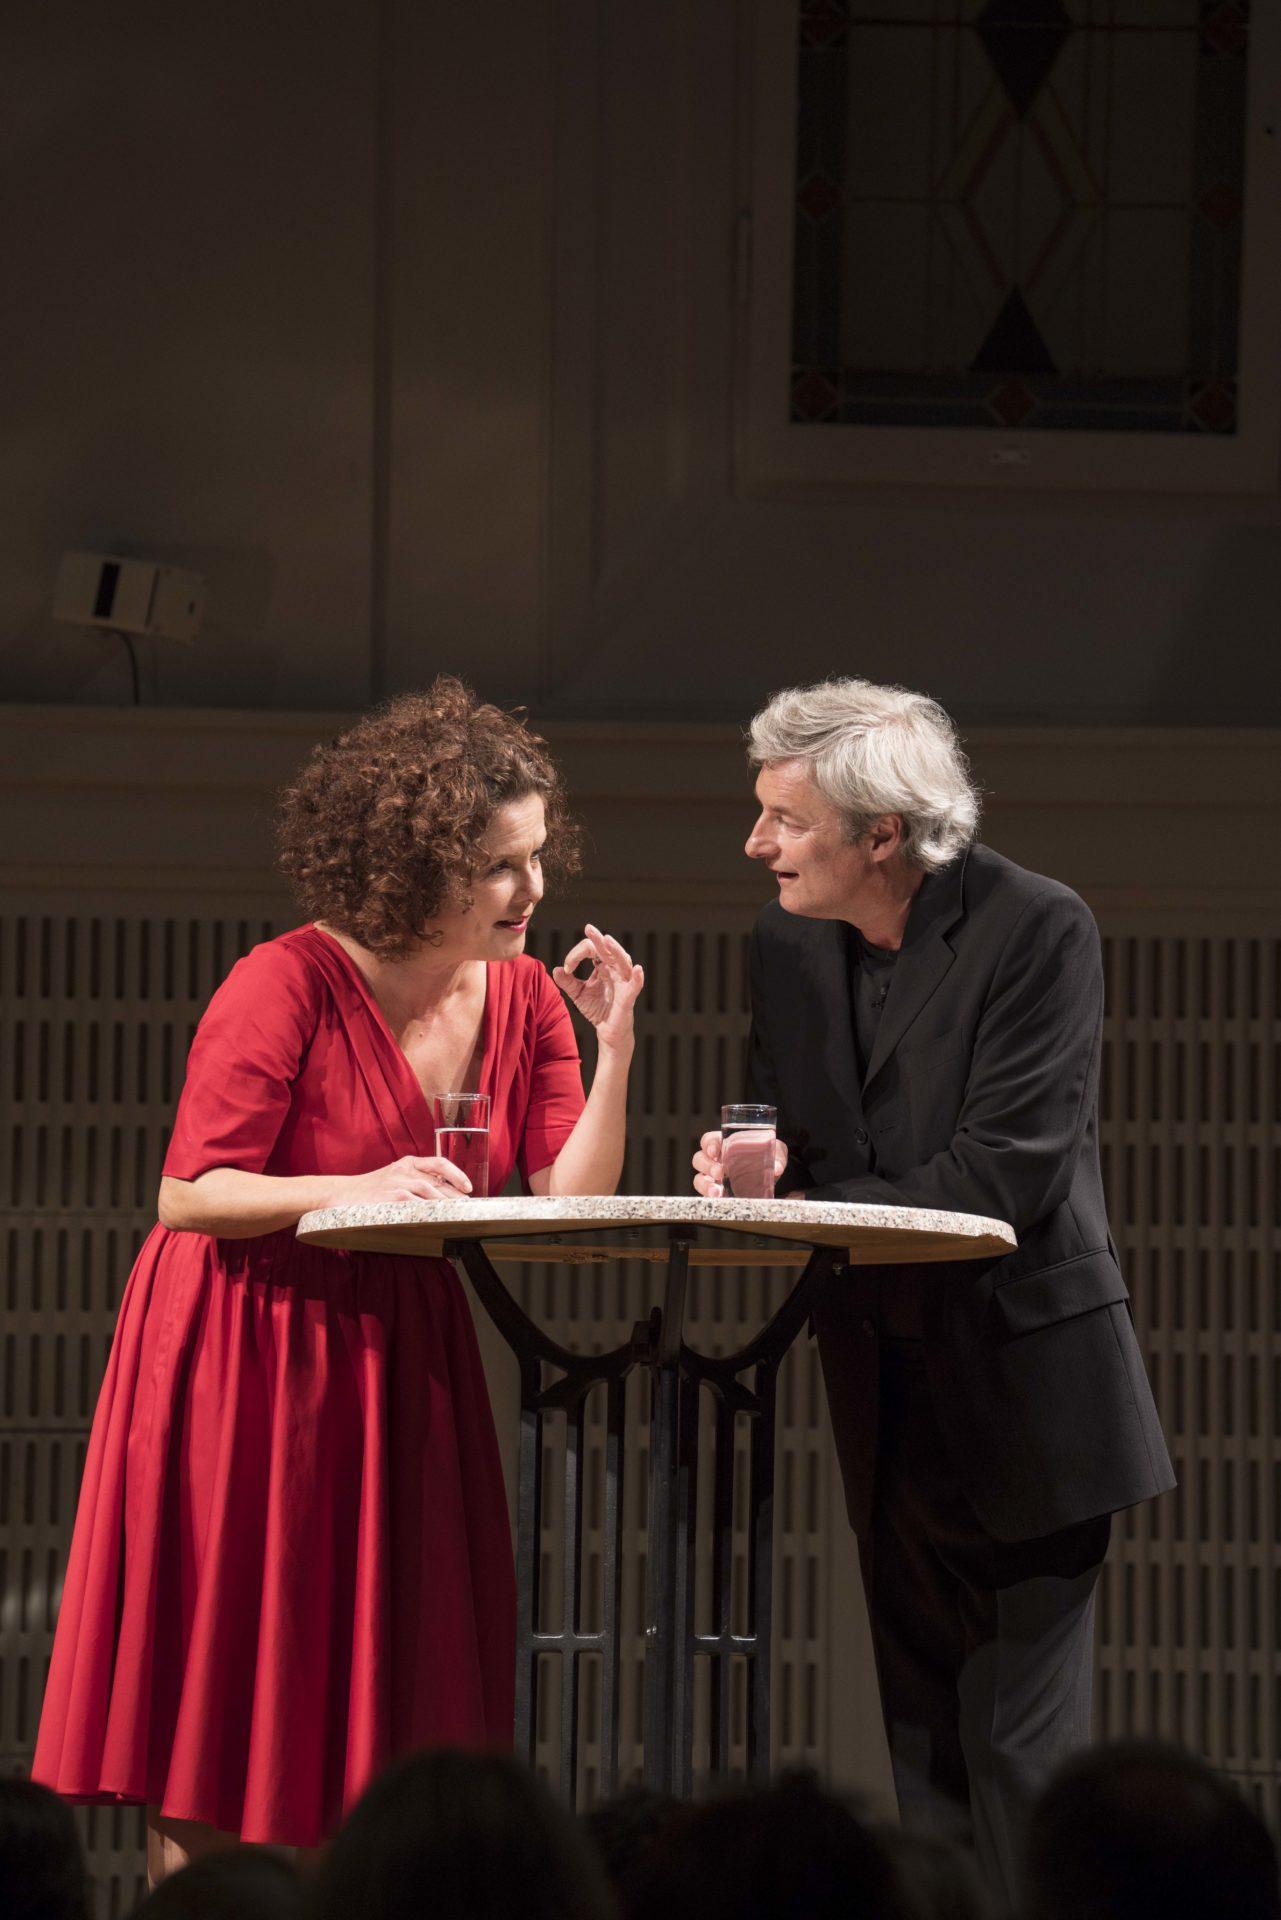 Alfred Dorfer, Angelika Kirchschlager und ein toter Pudel